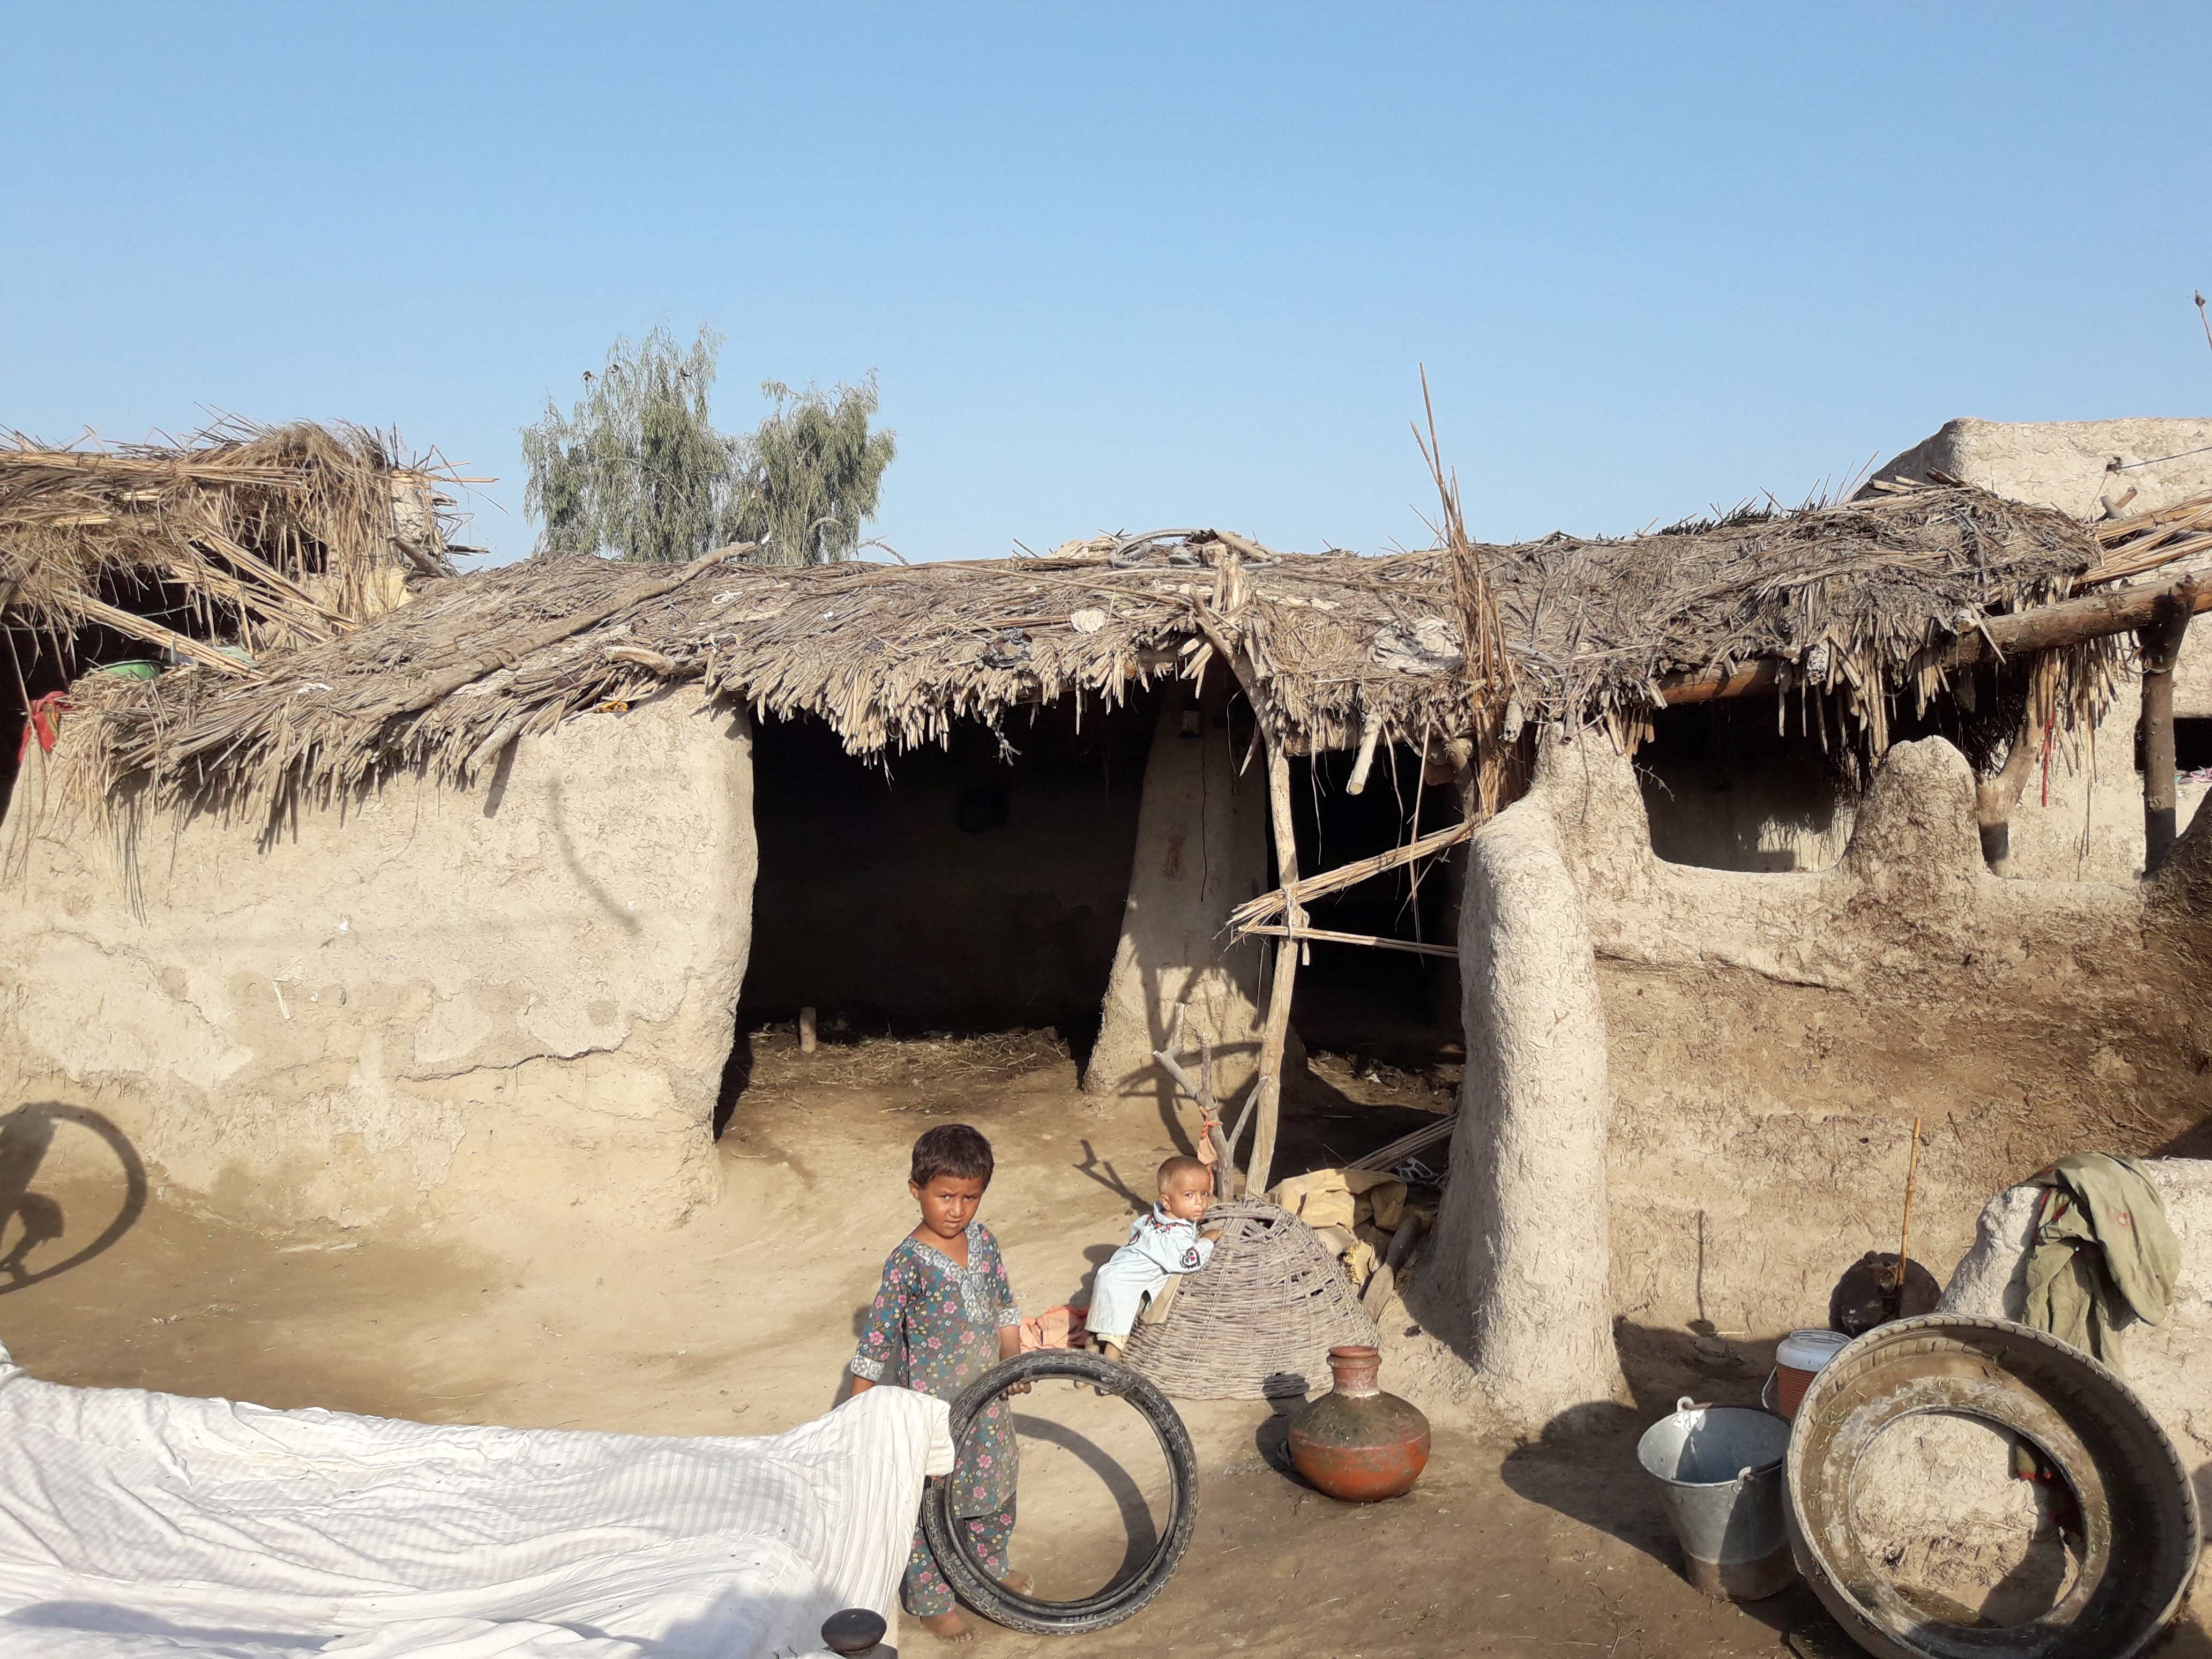 Children play in Sawali Bhand Village